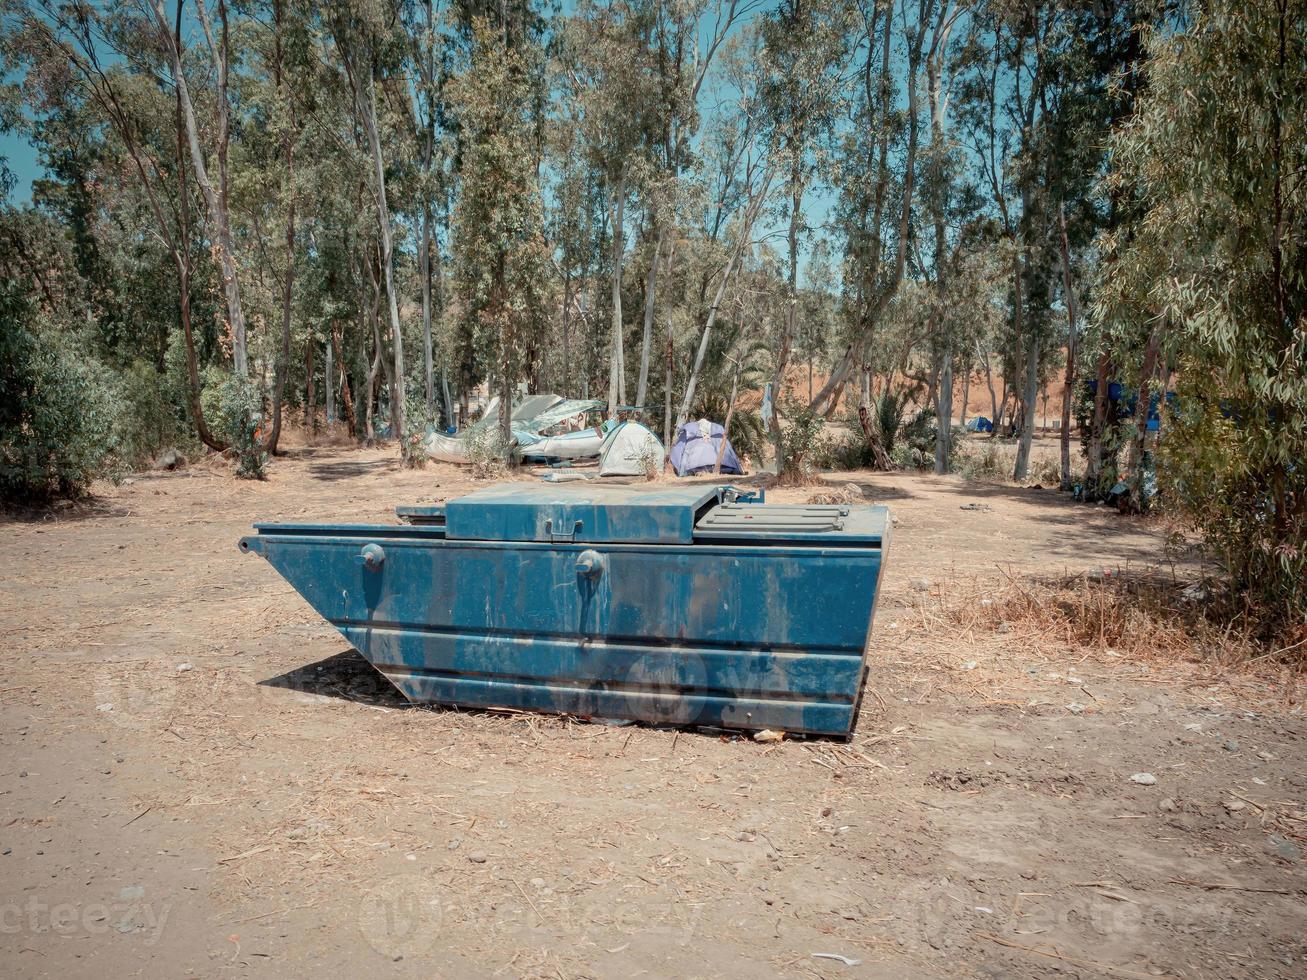 stor blå metallic sopkärl på en camping i Jordandalen i Israel foto